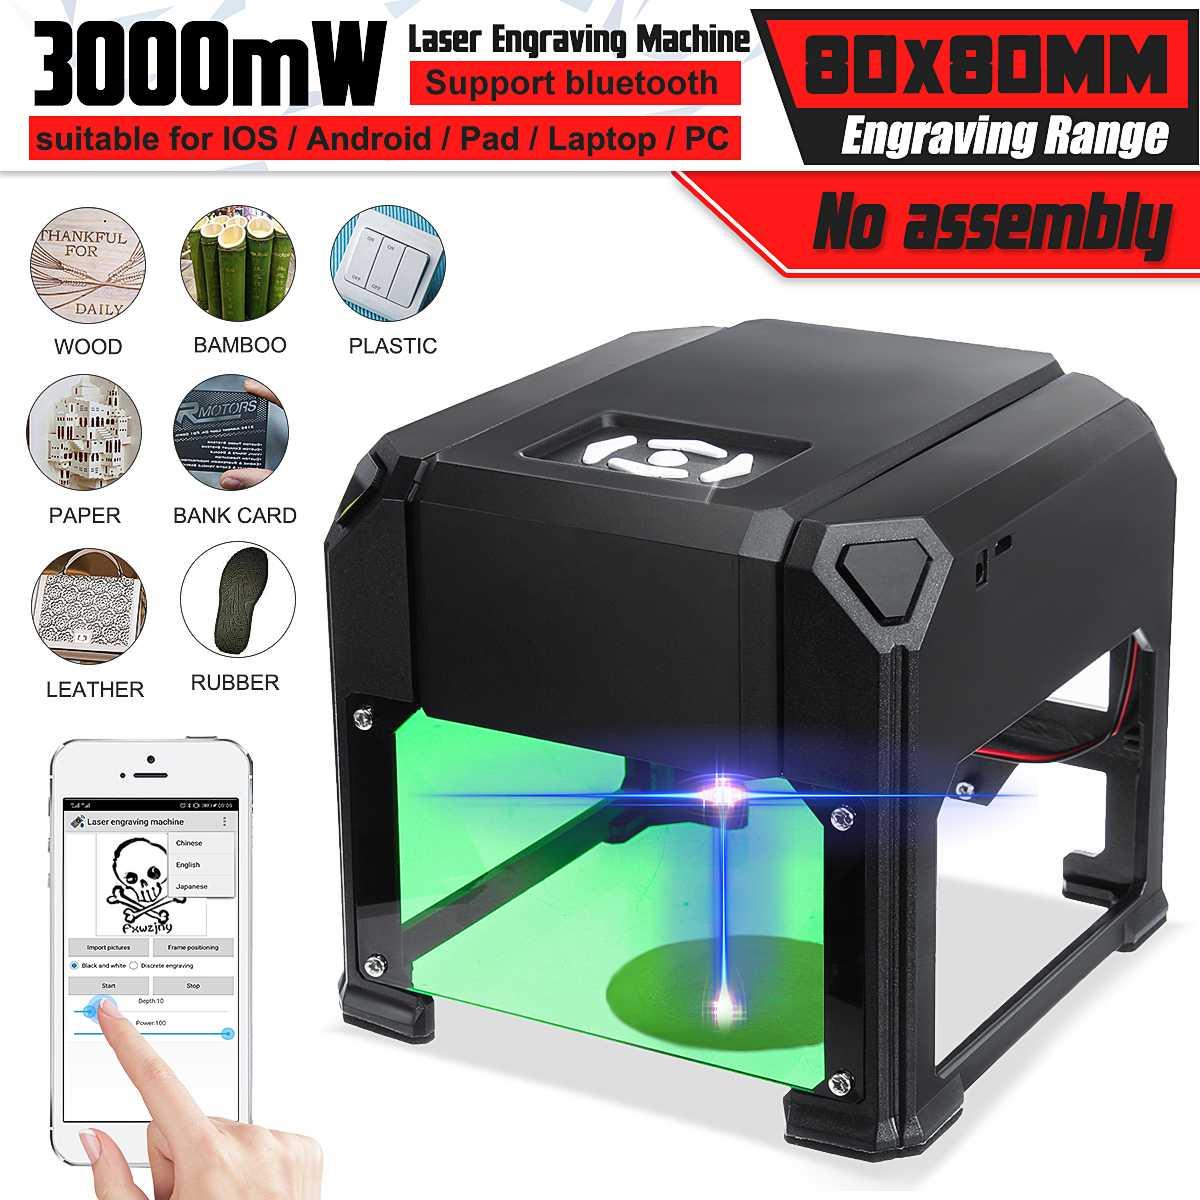 3000mw CNC Bluetooth Laser Engraver DIY Logo Mark Printer Cutter Laser Engraving Machine Woodworking 80x80mm Engraving Ranges